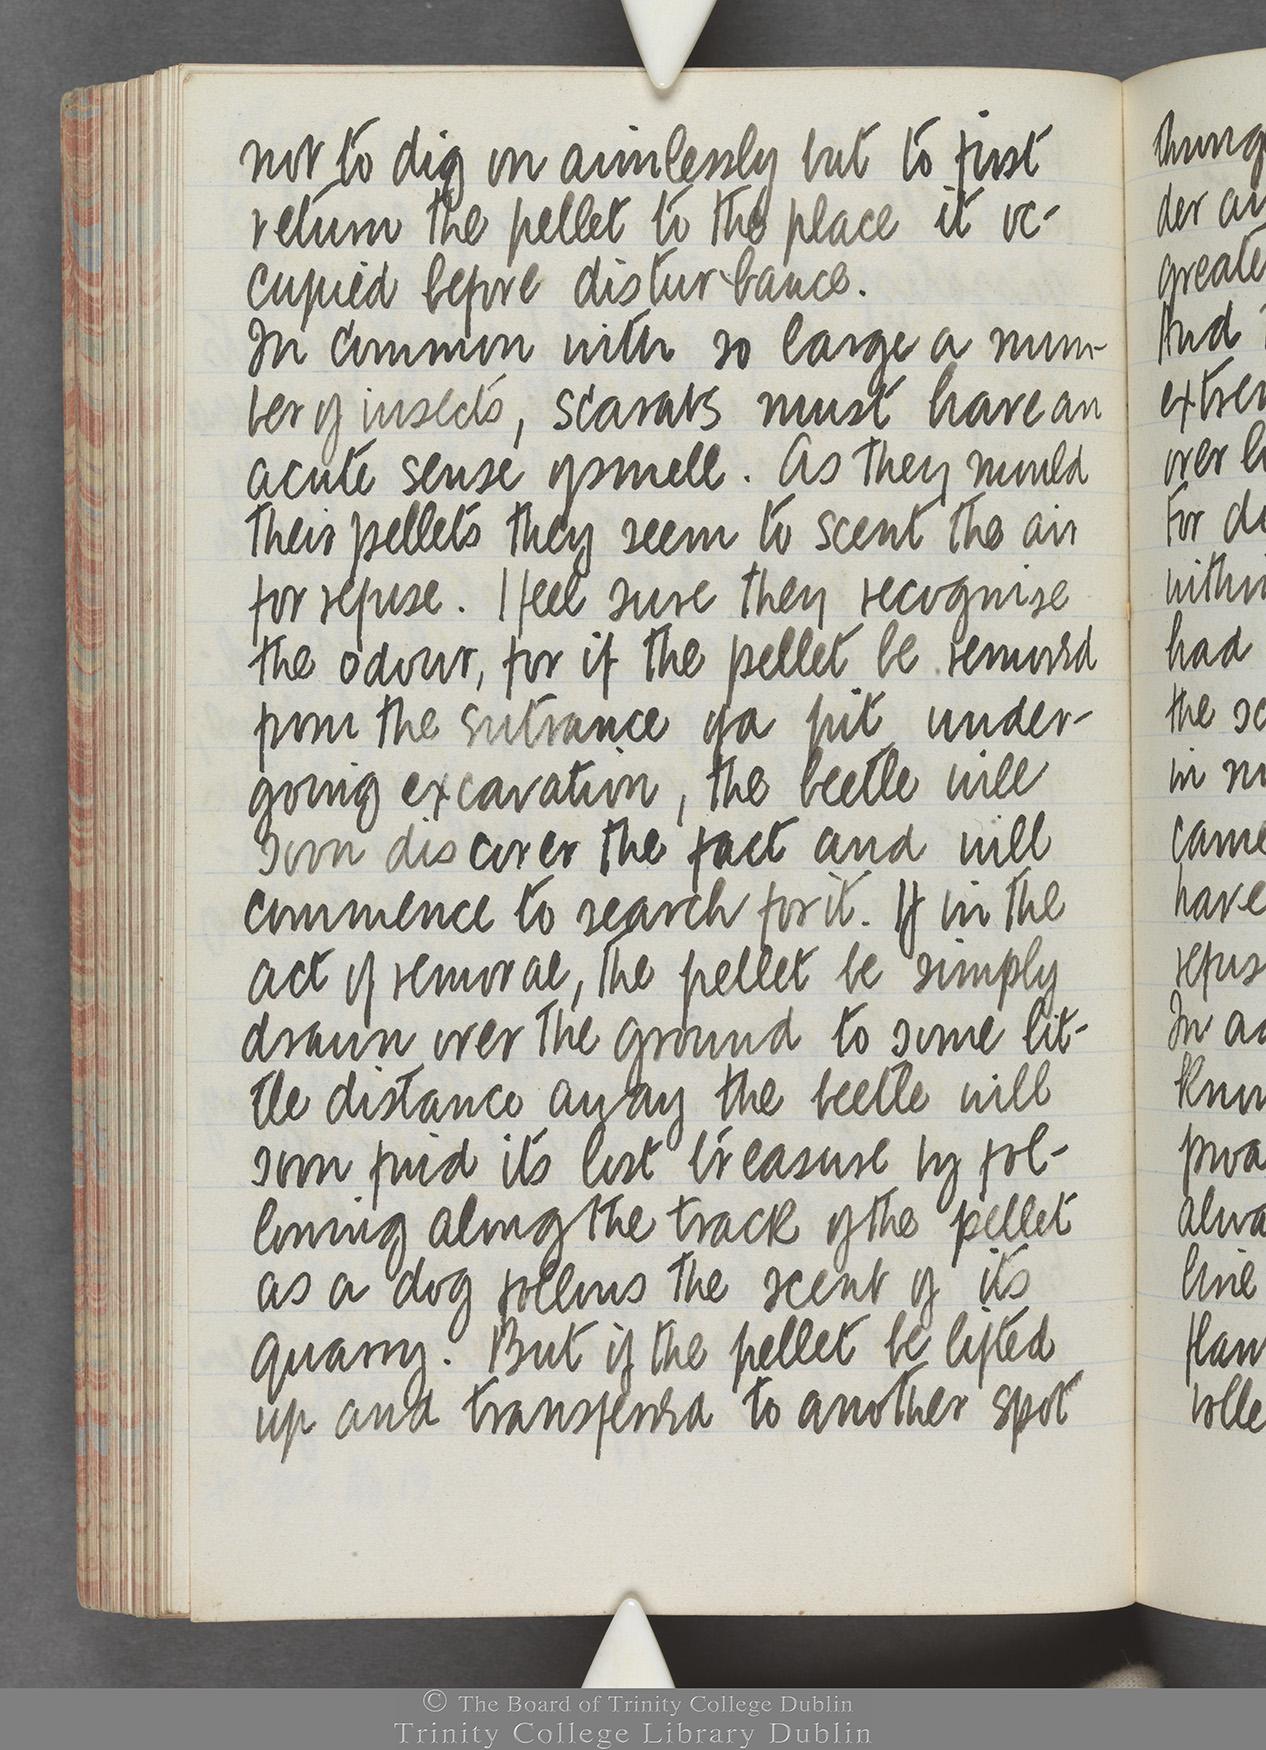 TCD MS 10515 folio 94 verso